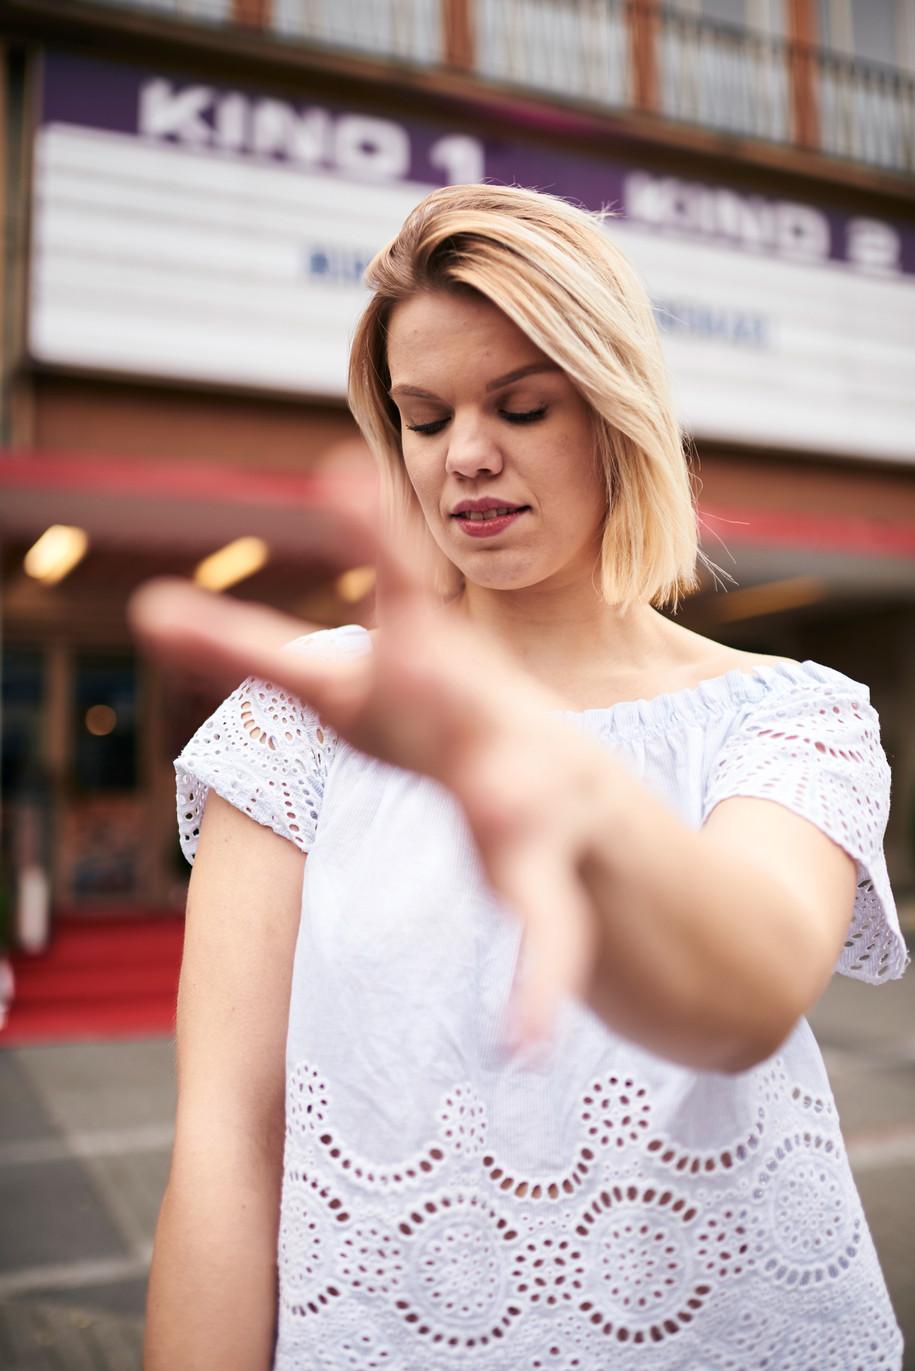 Actress: Nadine Stiebel Agency: Bizzybody